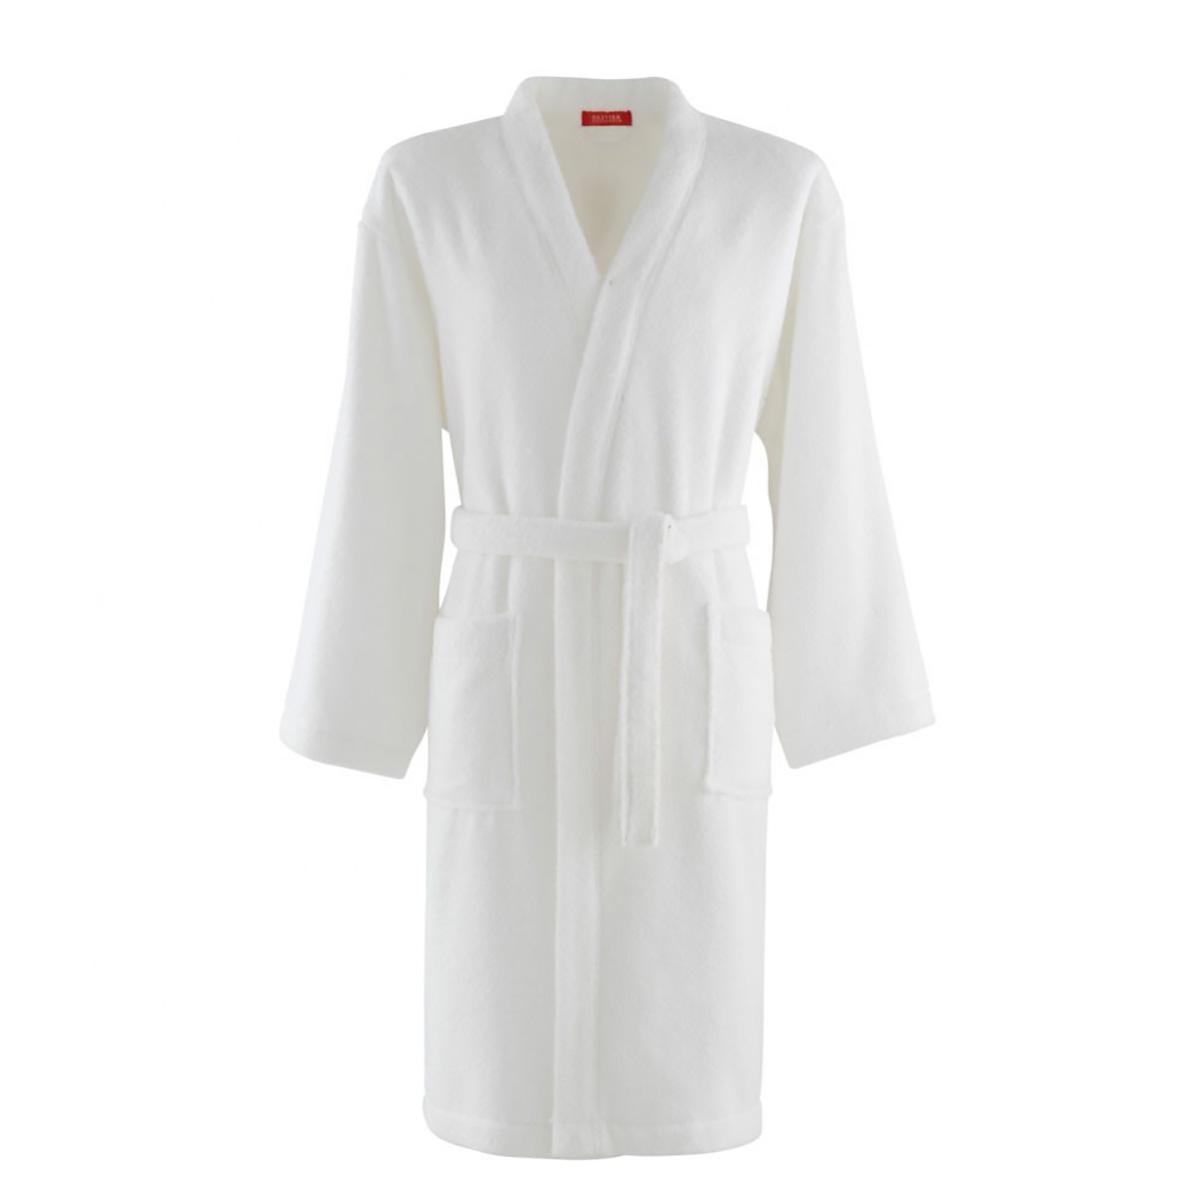 Kimono coton peigné Blanc XL (photo)